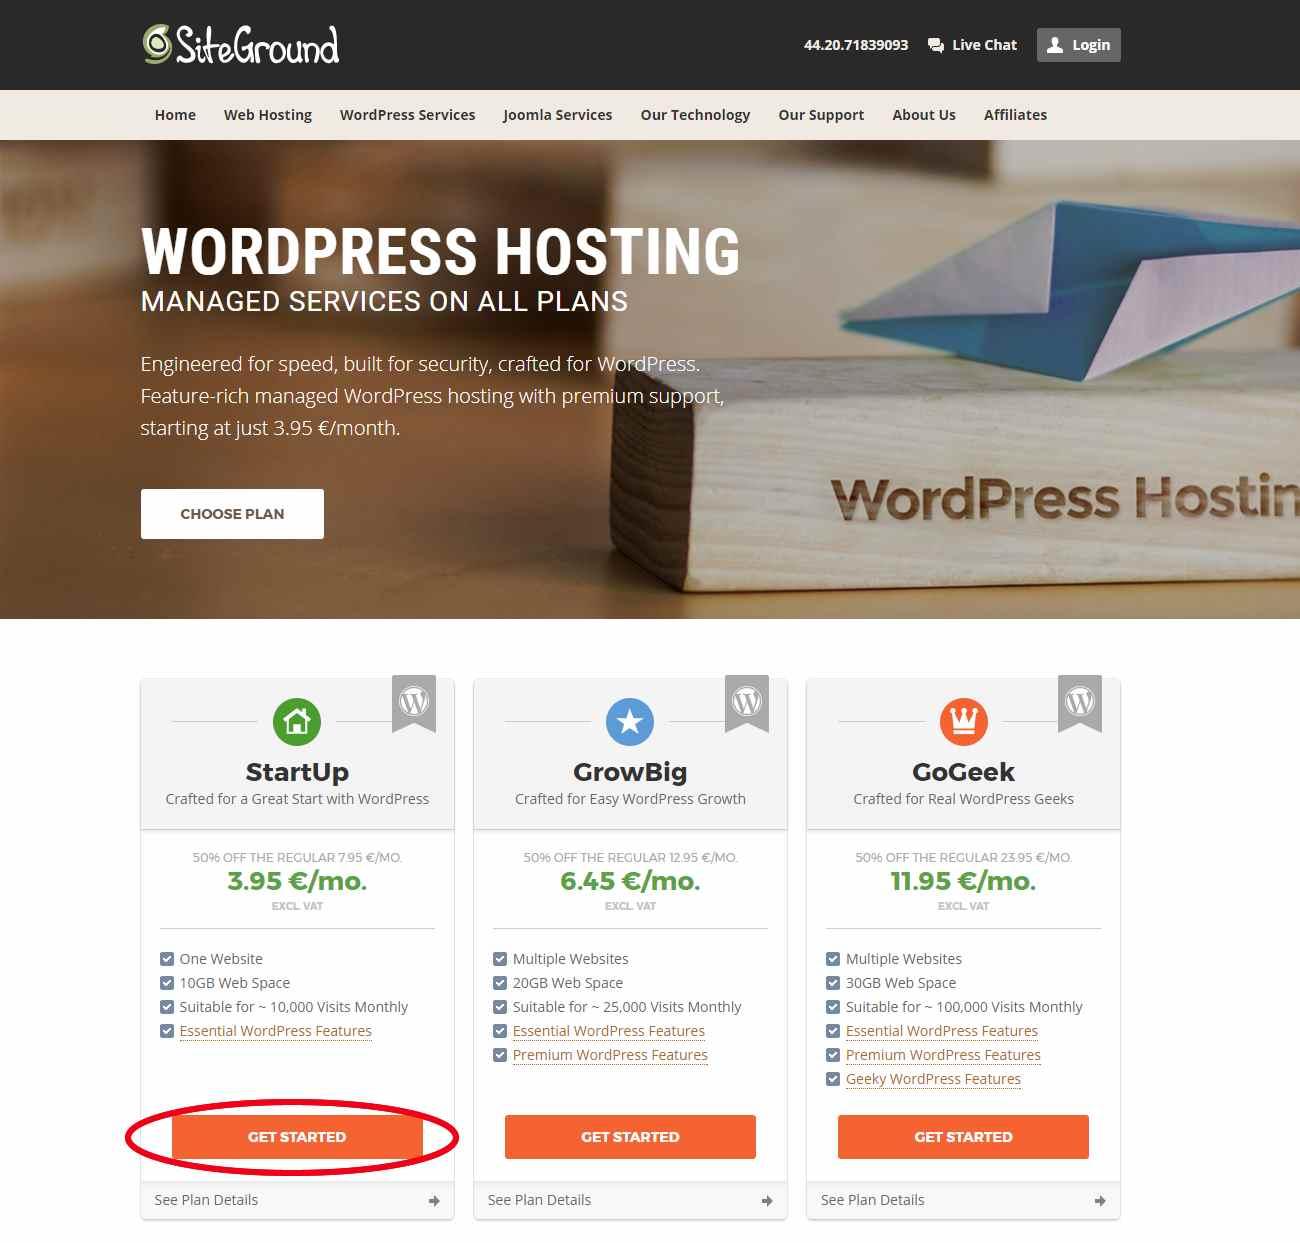 Siteground Übersicht der WordPress Hosting Pläne - StartUp, Grow Big und GoGeek